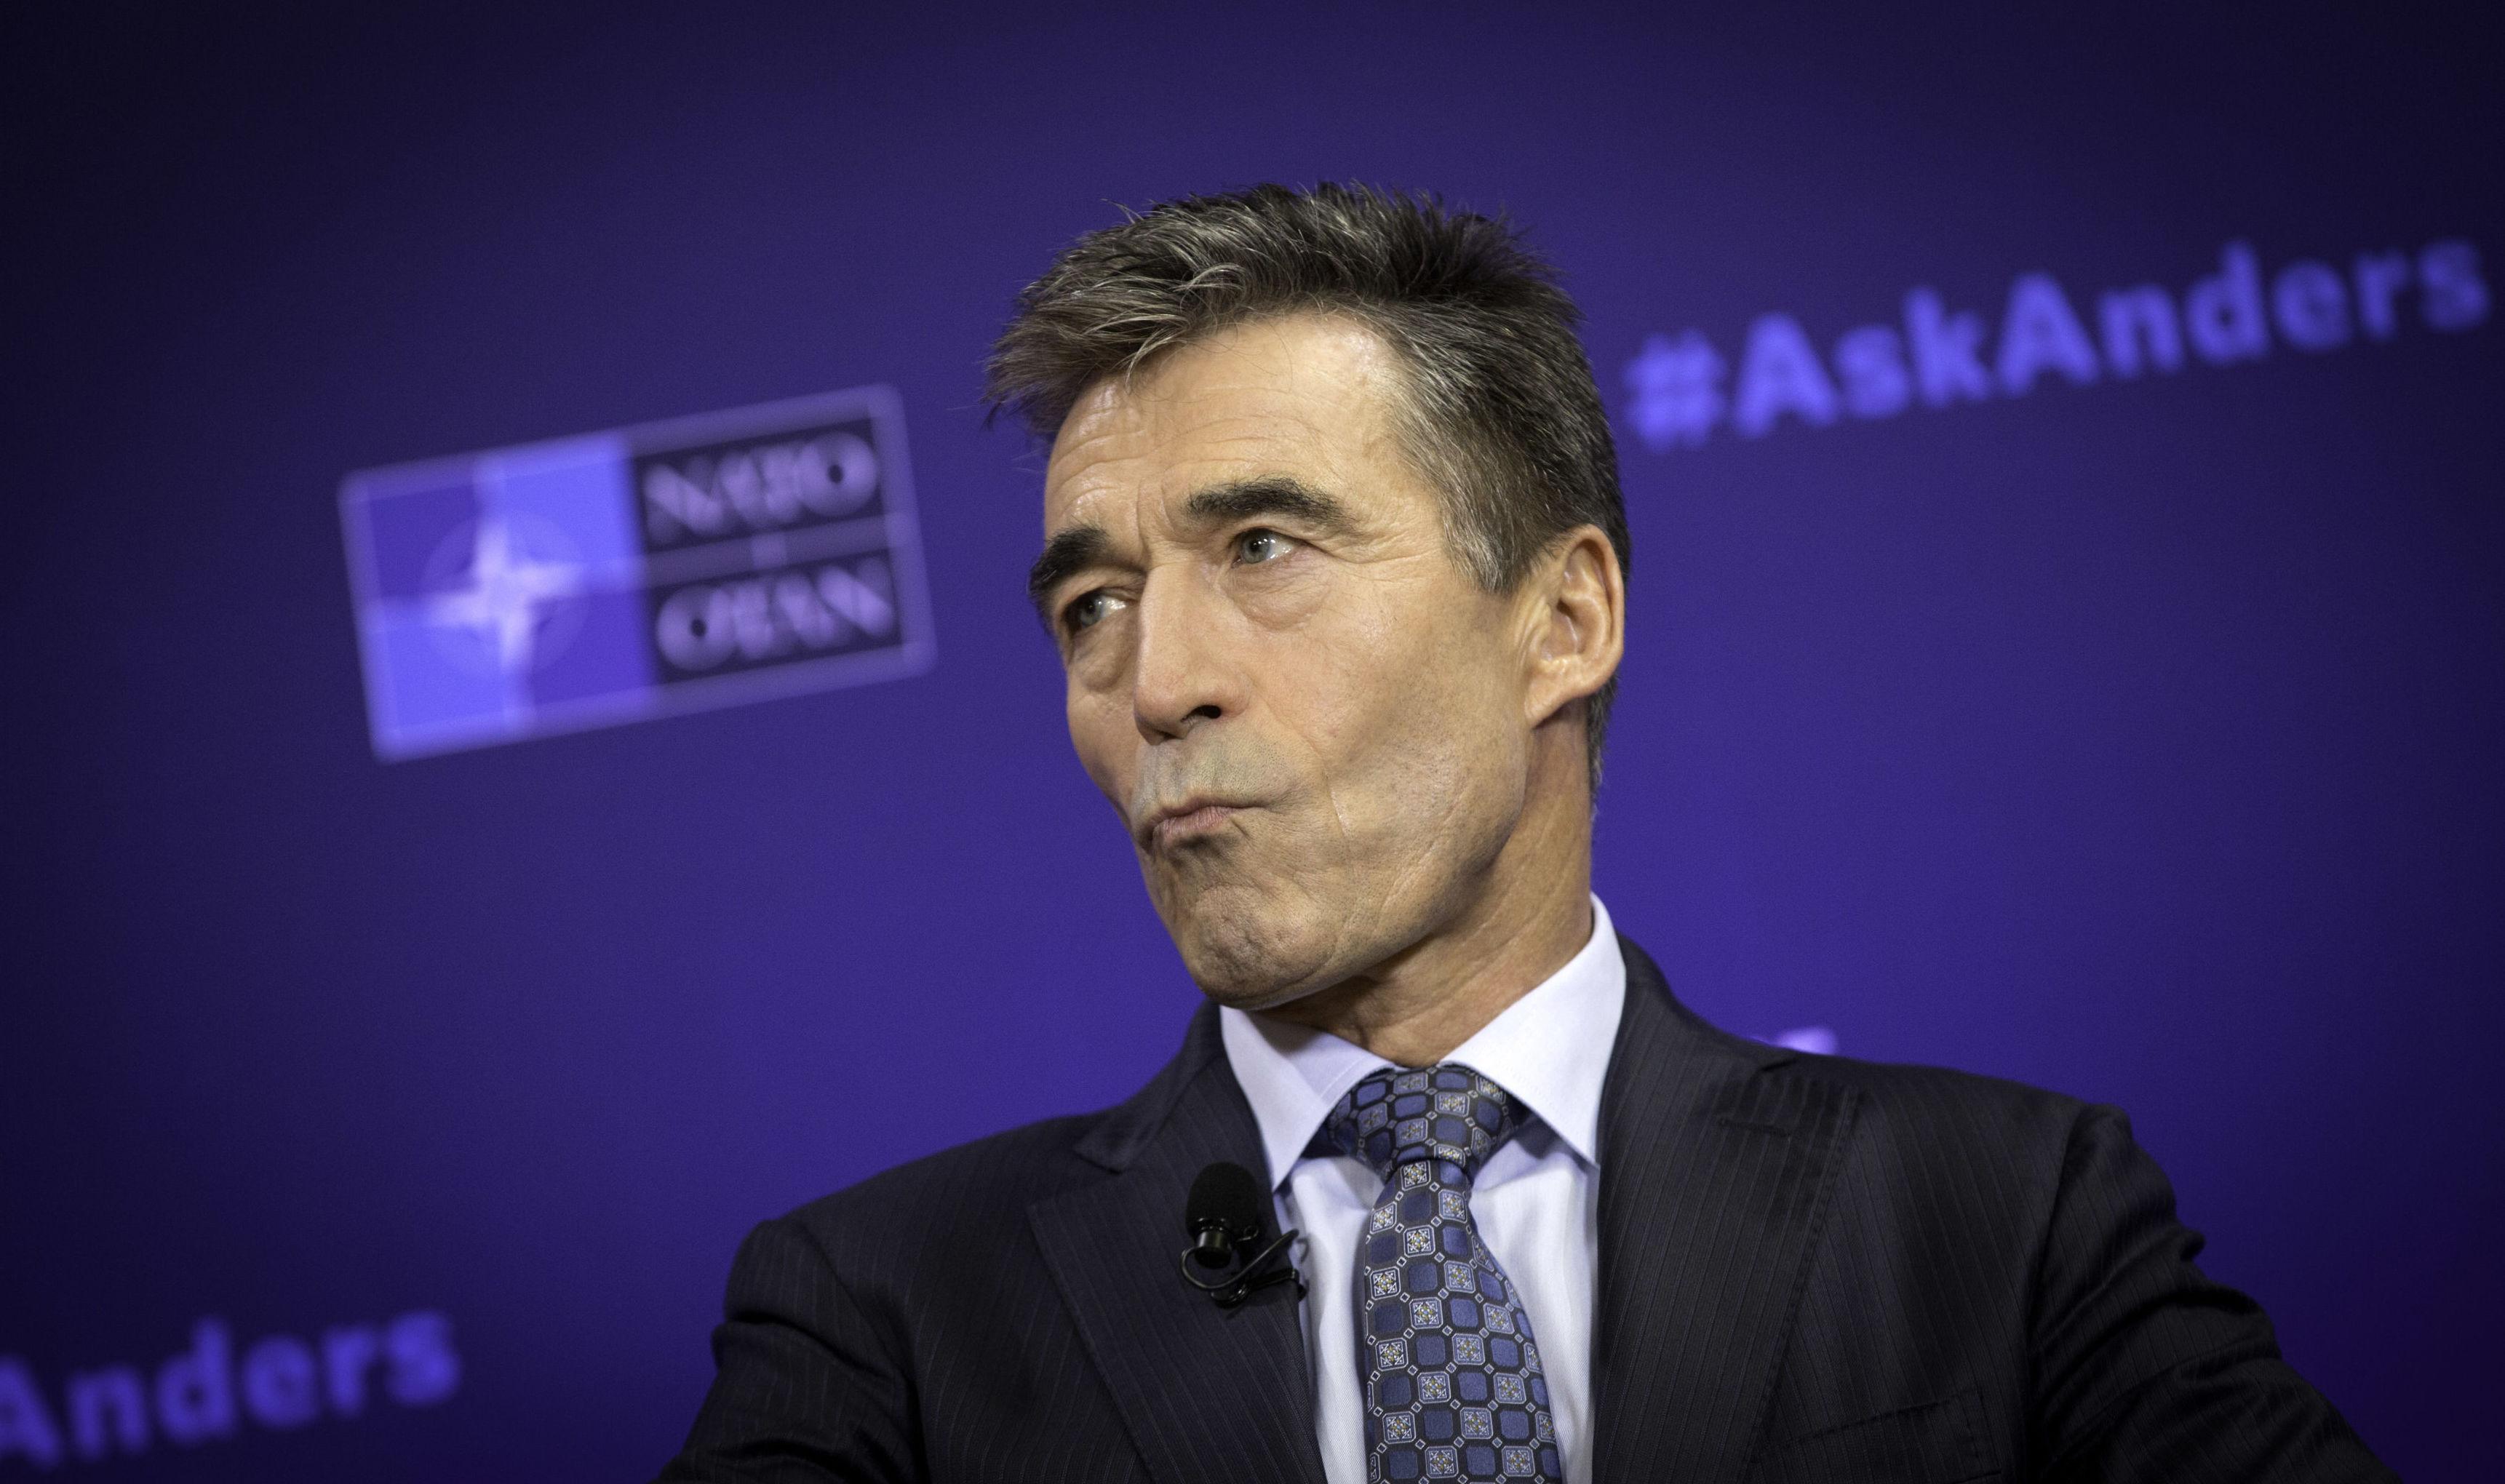 Anders Fogh Rasmussen, secretário geral da OTAN entre 2009 e 2014, acredita que a aliança não deve virar as costas para a Turquia